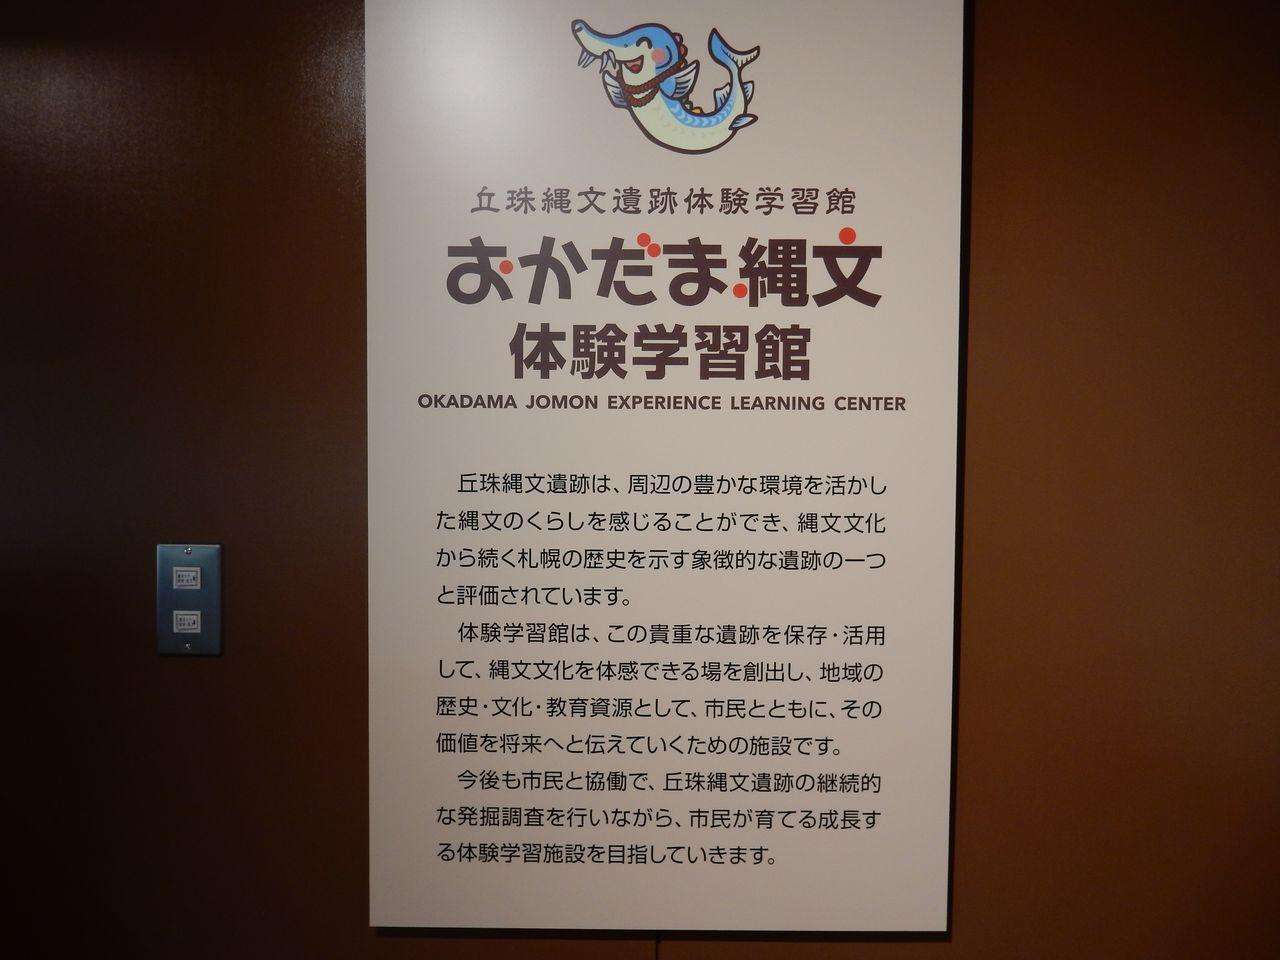 おかだま縄文体験学習館_c0025115_22415805.jpg